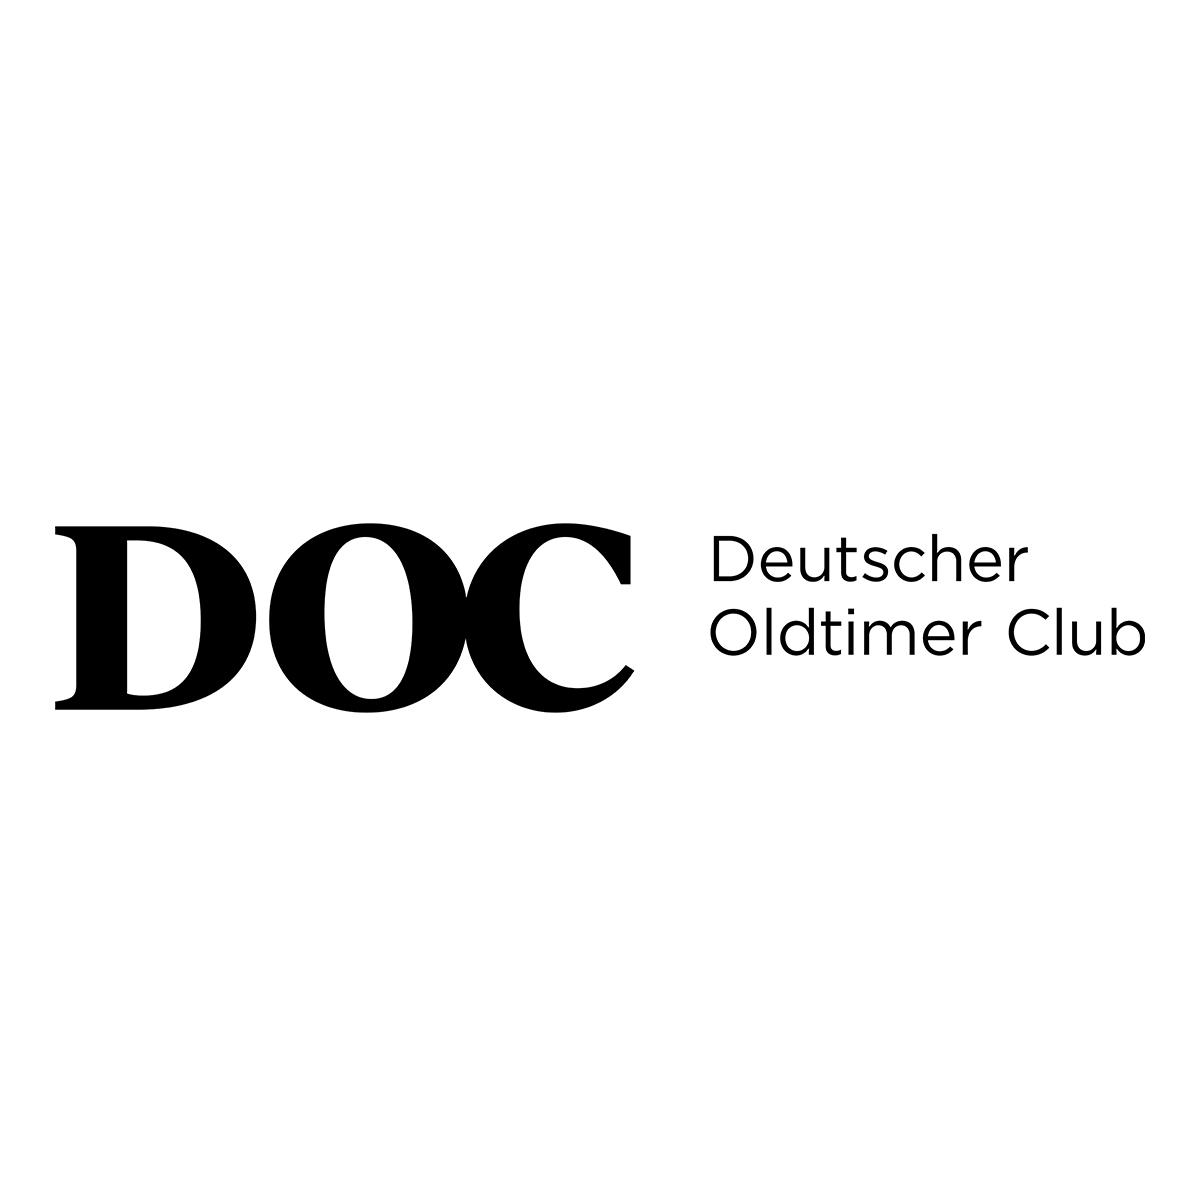 Deutscher Oldtimer Club